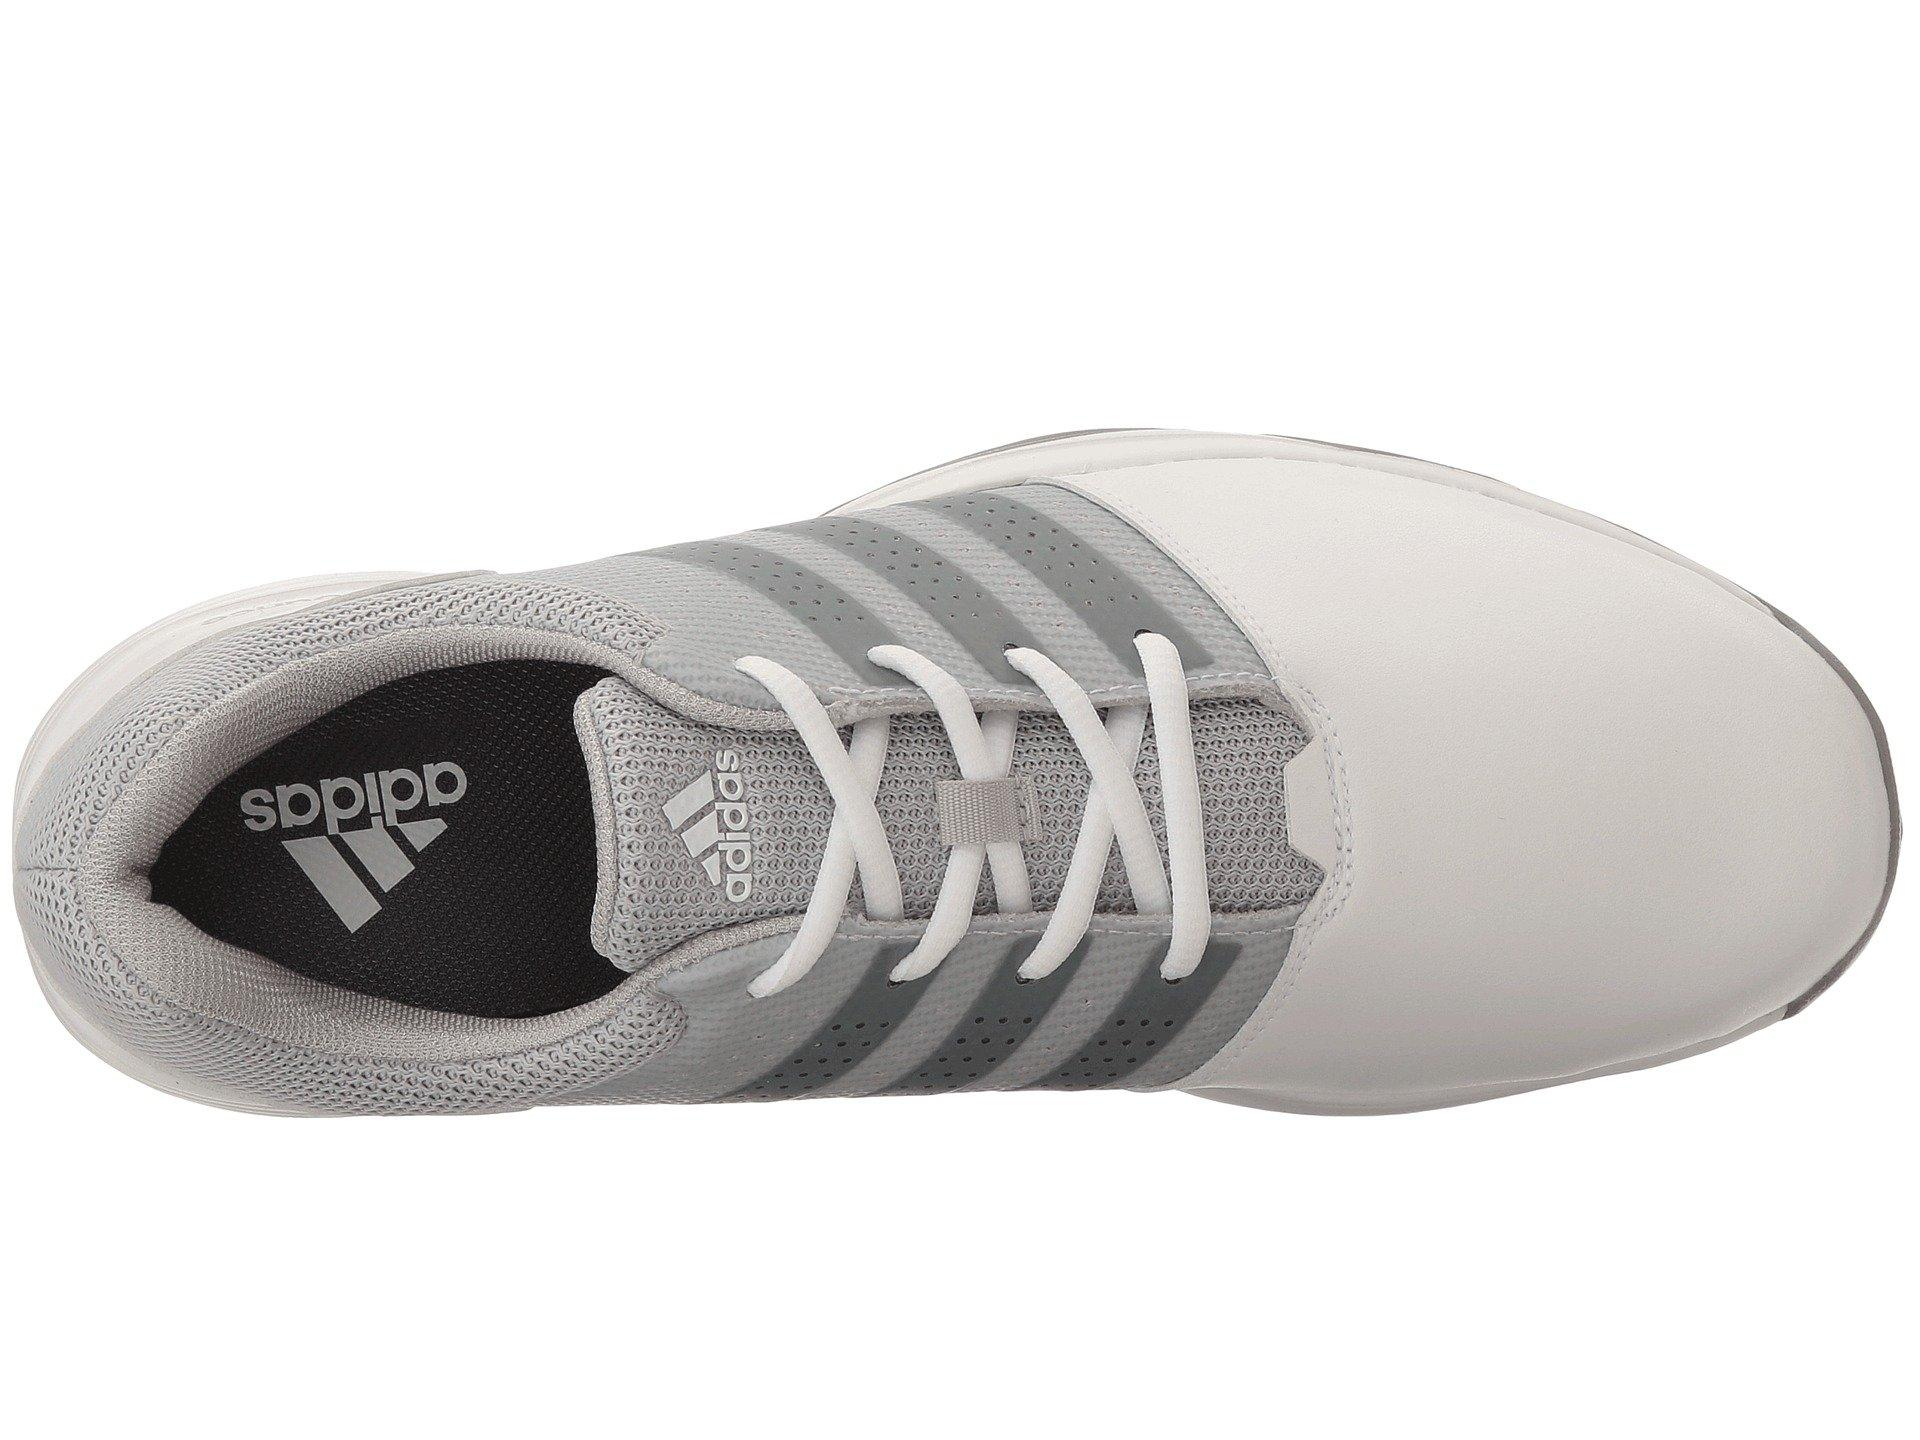 70a5cb0a1f011 Adidas Originals - Metallic 360 Traxion for Men - Lyst. View fullscreen